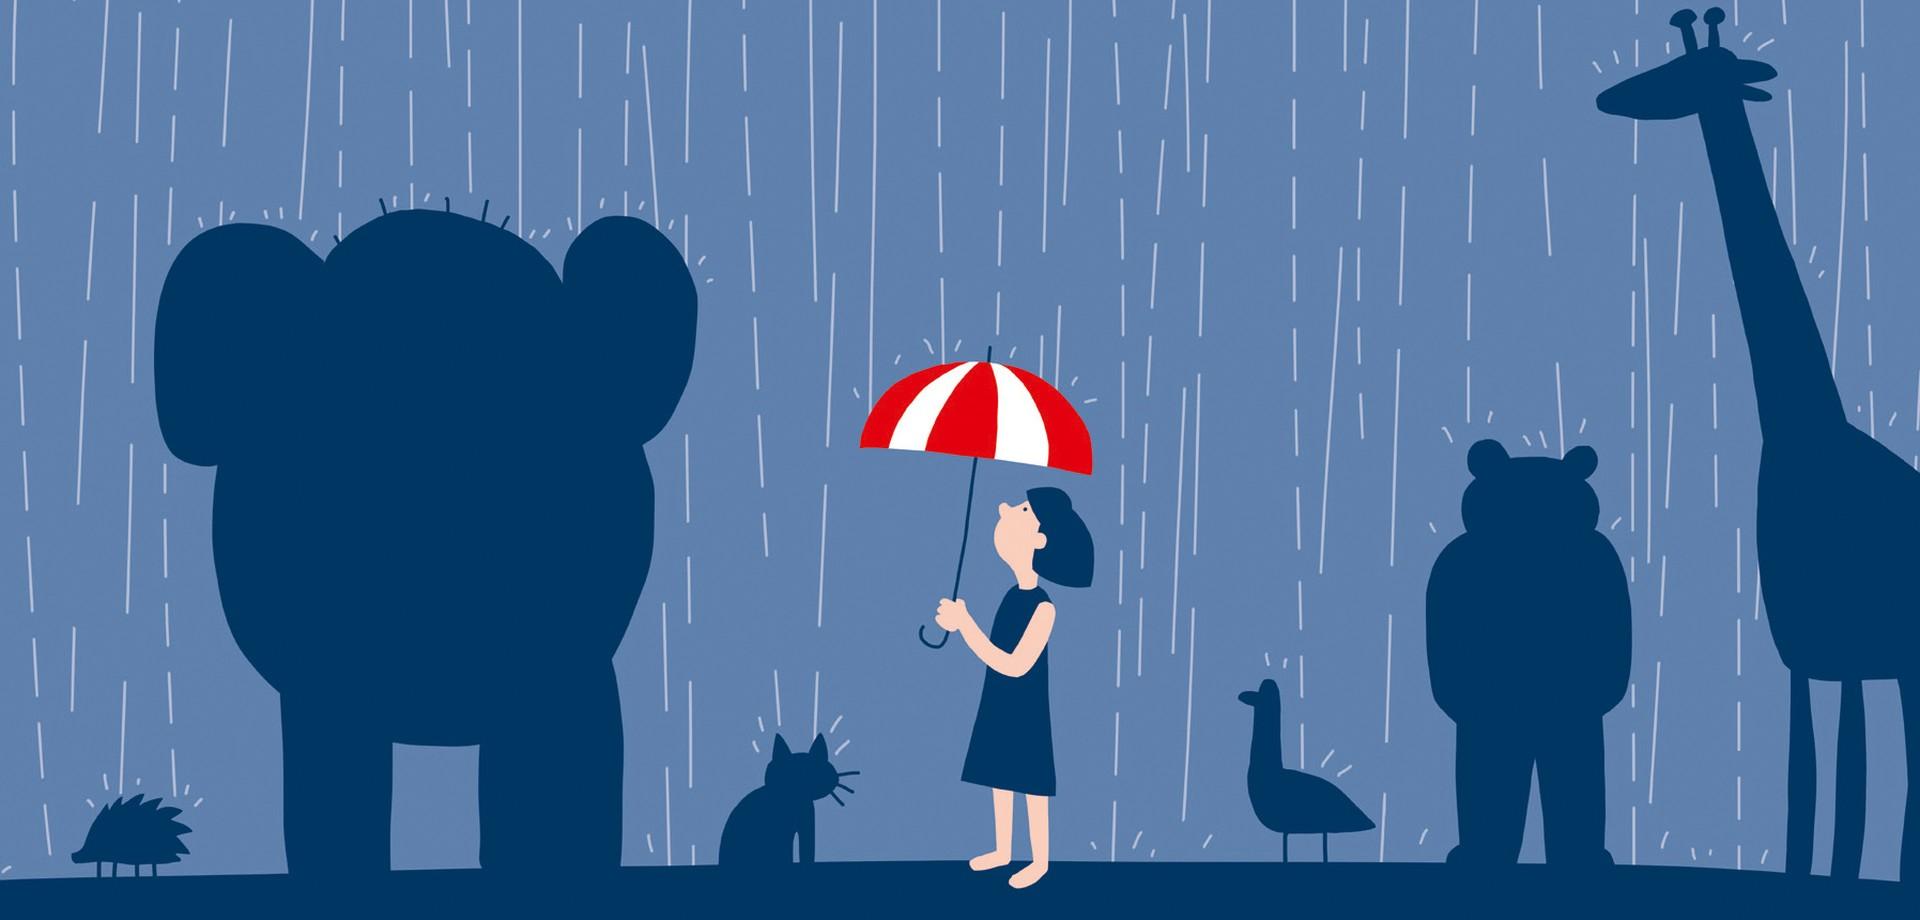 Grafik mit Tiersilhouetten und einer Frau mit Regenschirm. Grafik: LWL